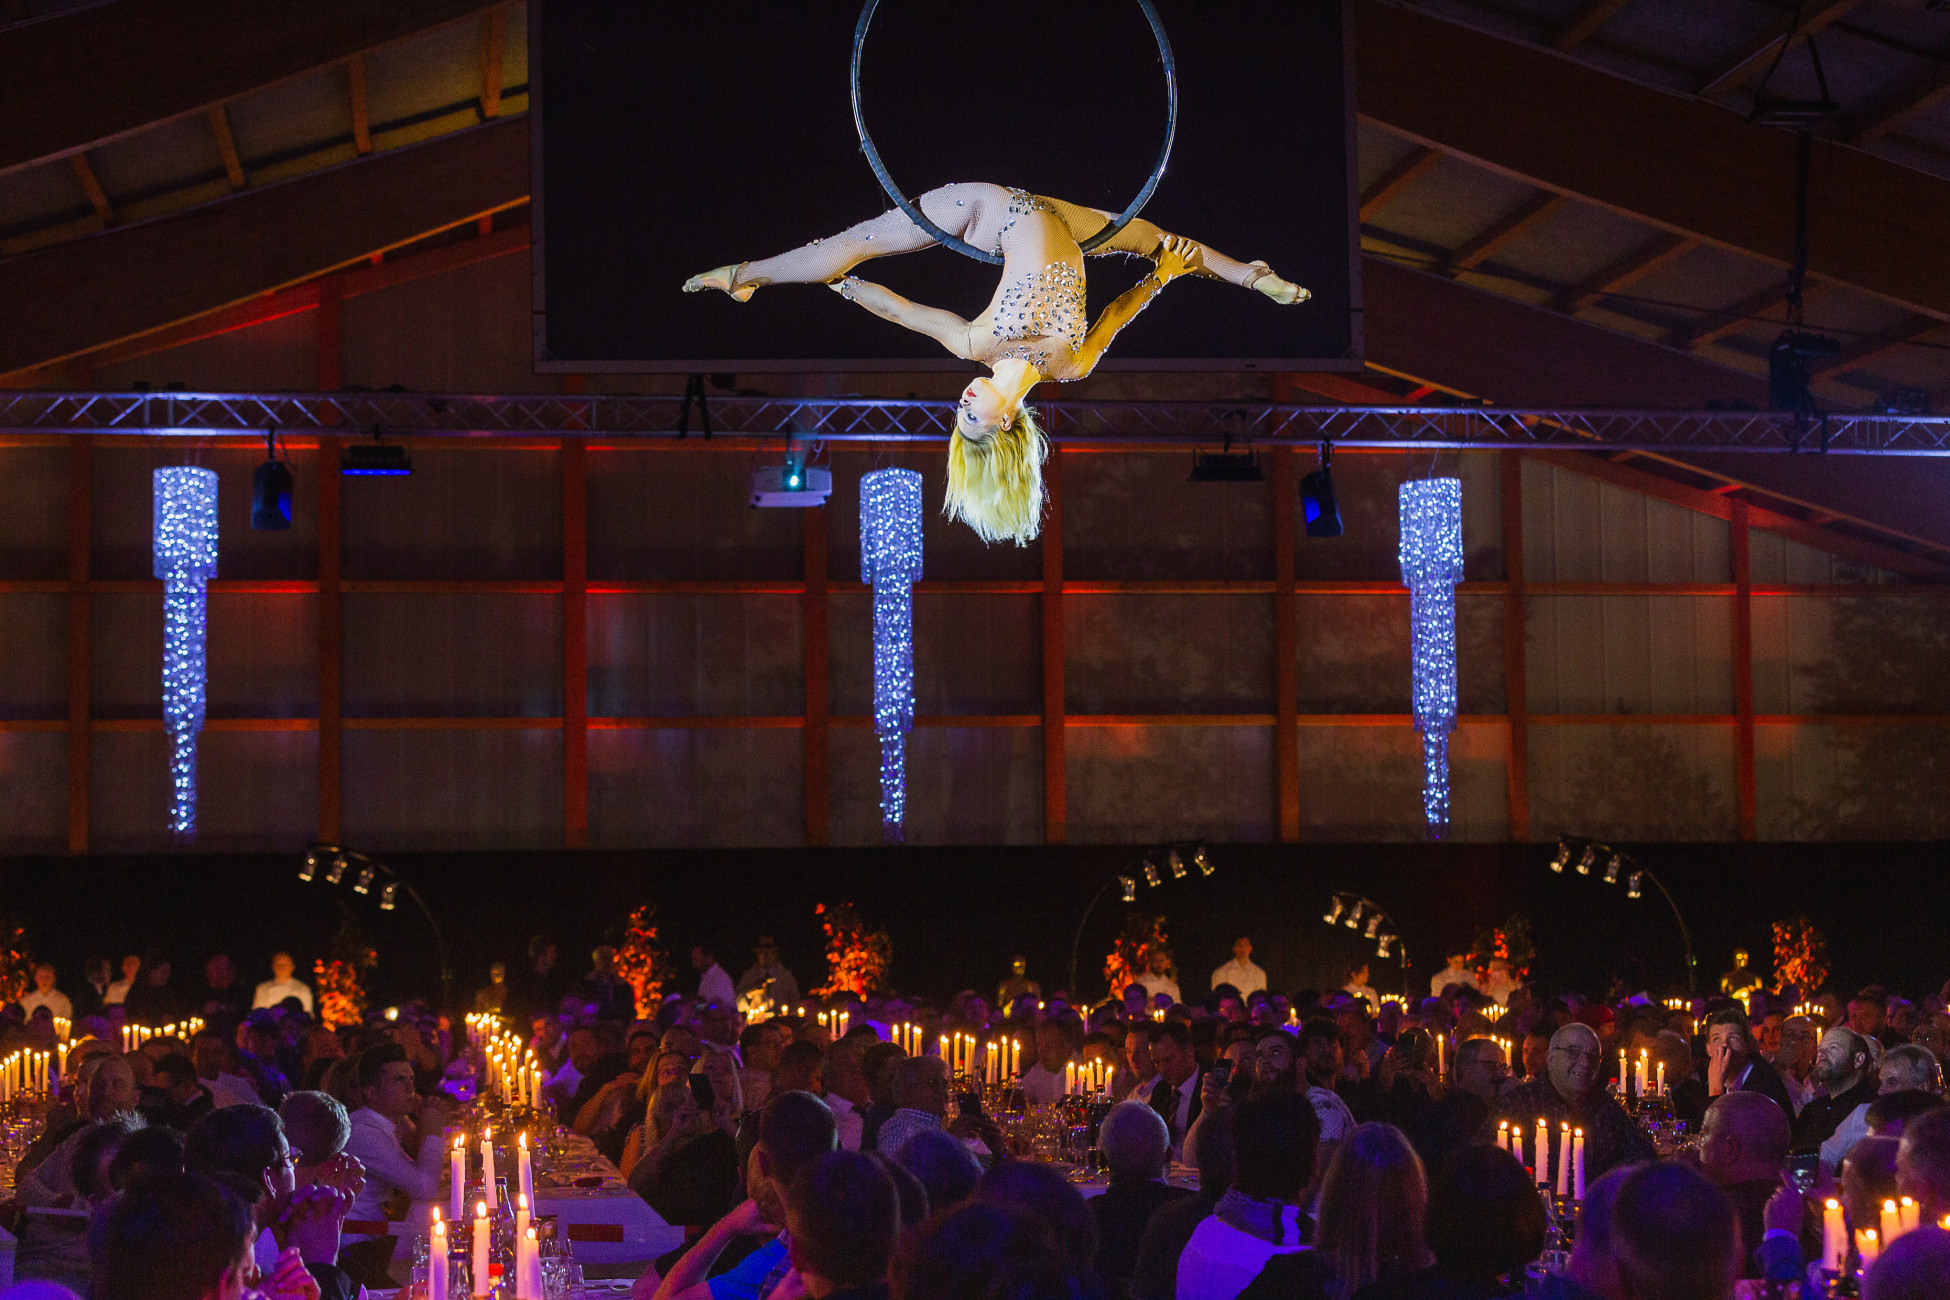 Atemberaubende Akrobatik am Ring - Natalia Macauley